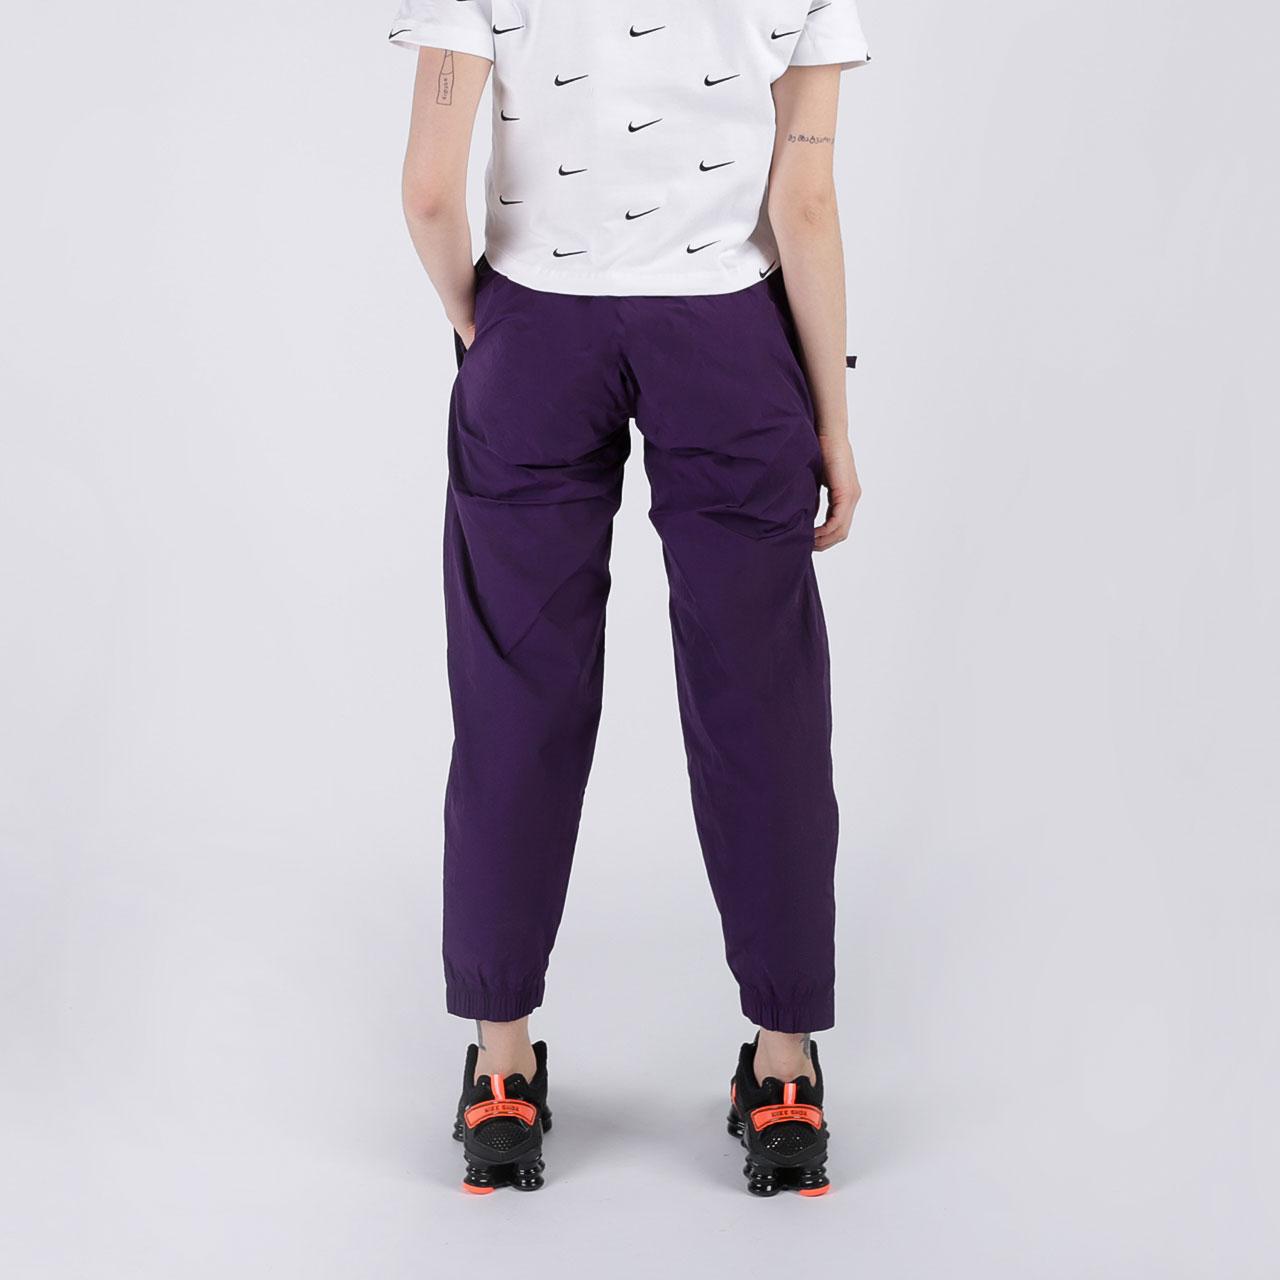 женские фиолетовые  брюки nike track pant purple CQ4003-525 - цена, описание, фото 6